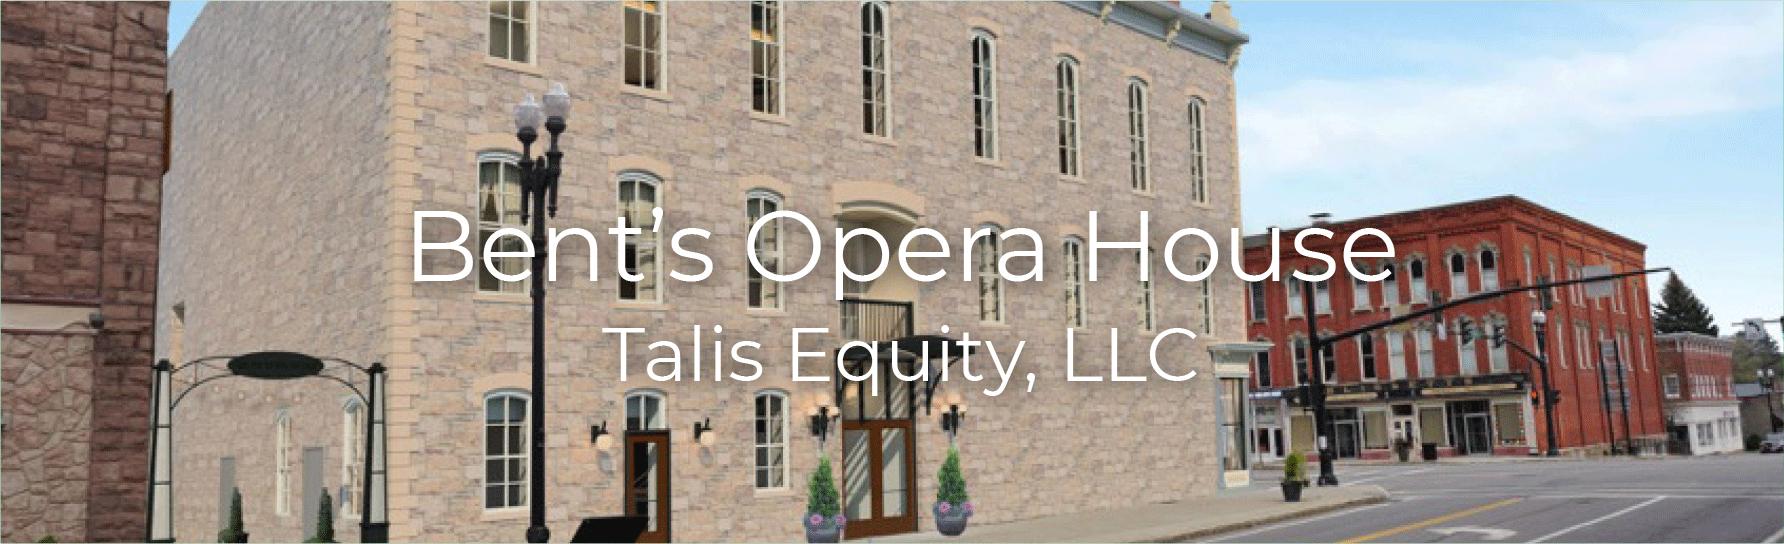 Bent's Opera House